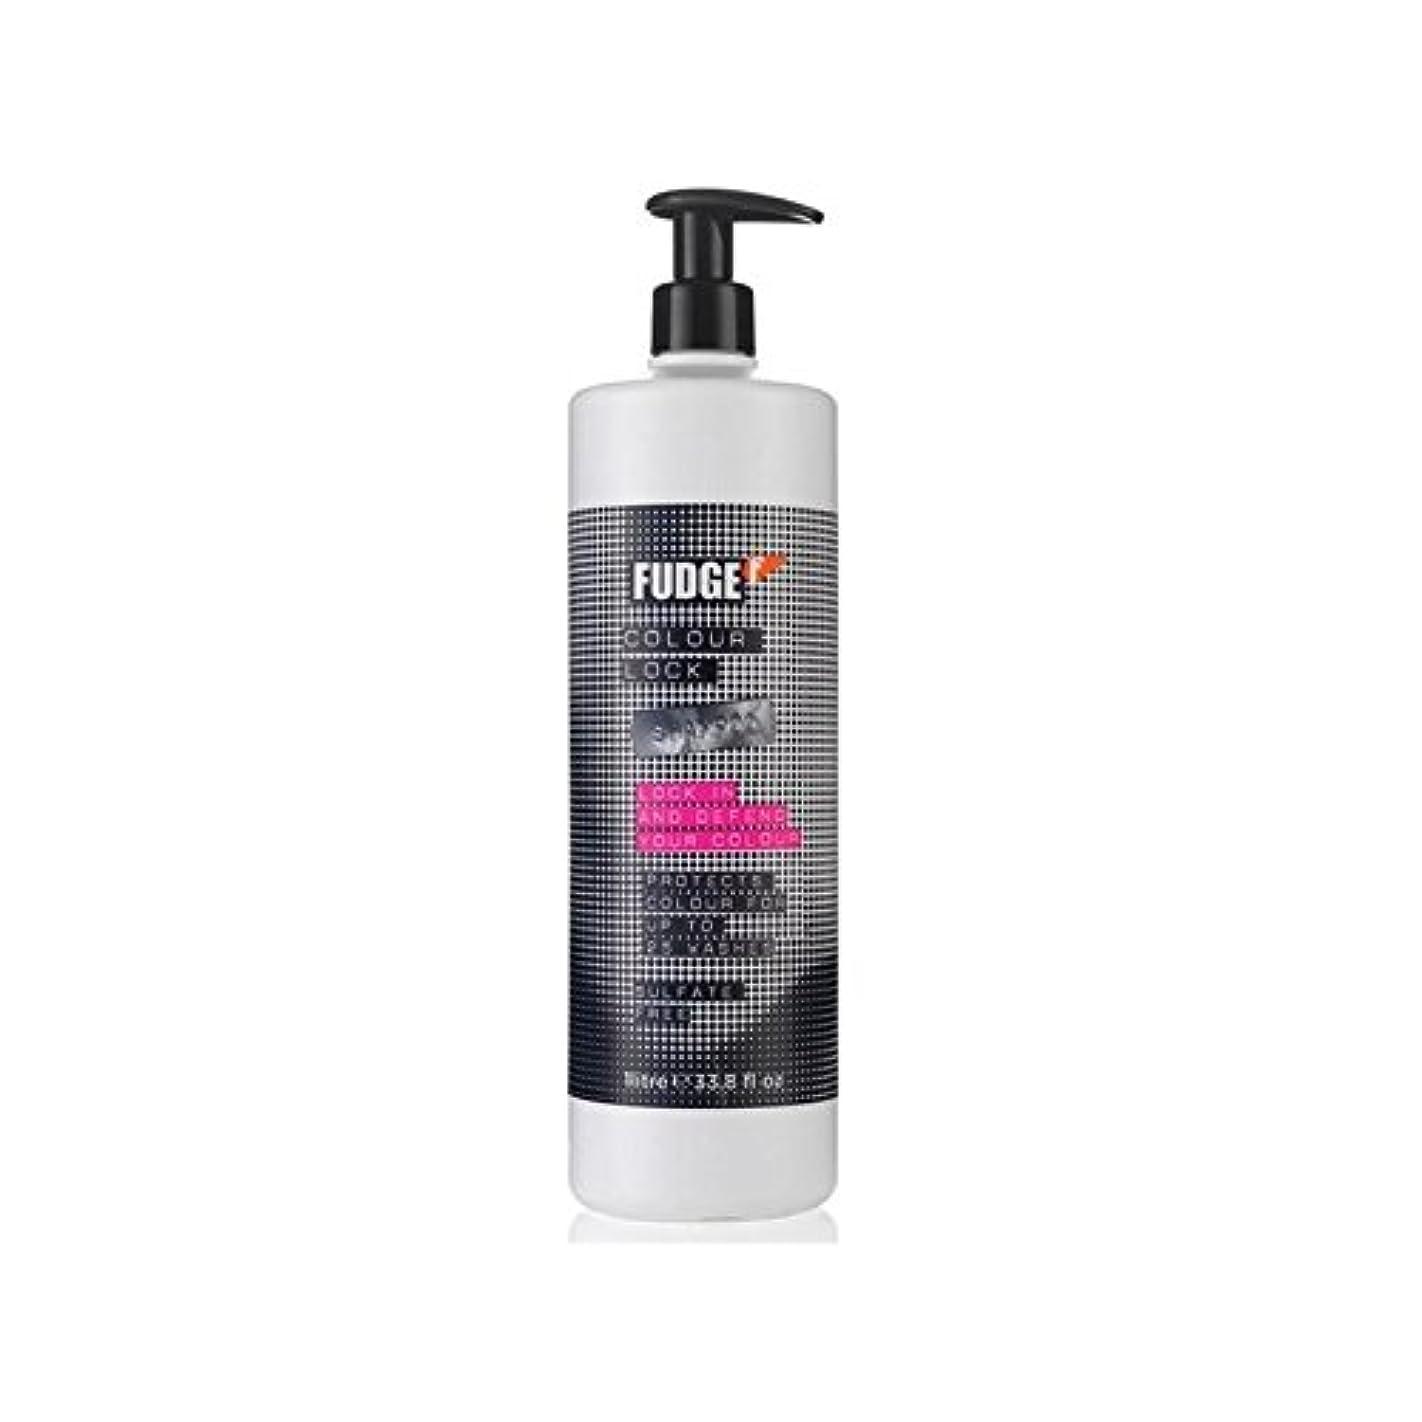 規模漂流兵士ファッジ色ロックシャンプー(千ミリリットル) x4 - Fudge Colour Lock Shampoo (1000ml) (Pack of 4) [並行輸入品]